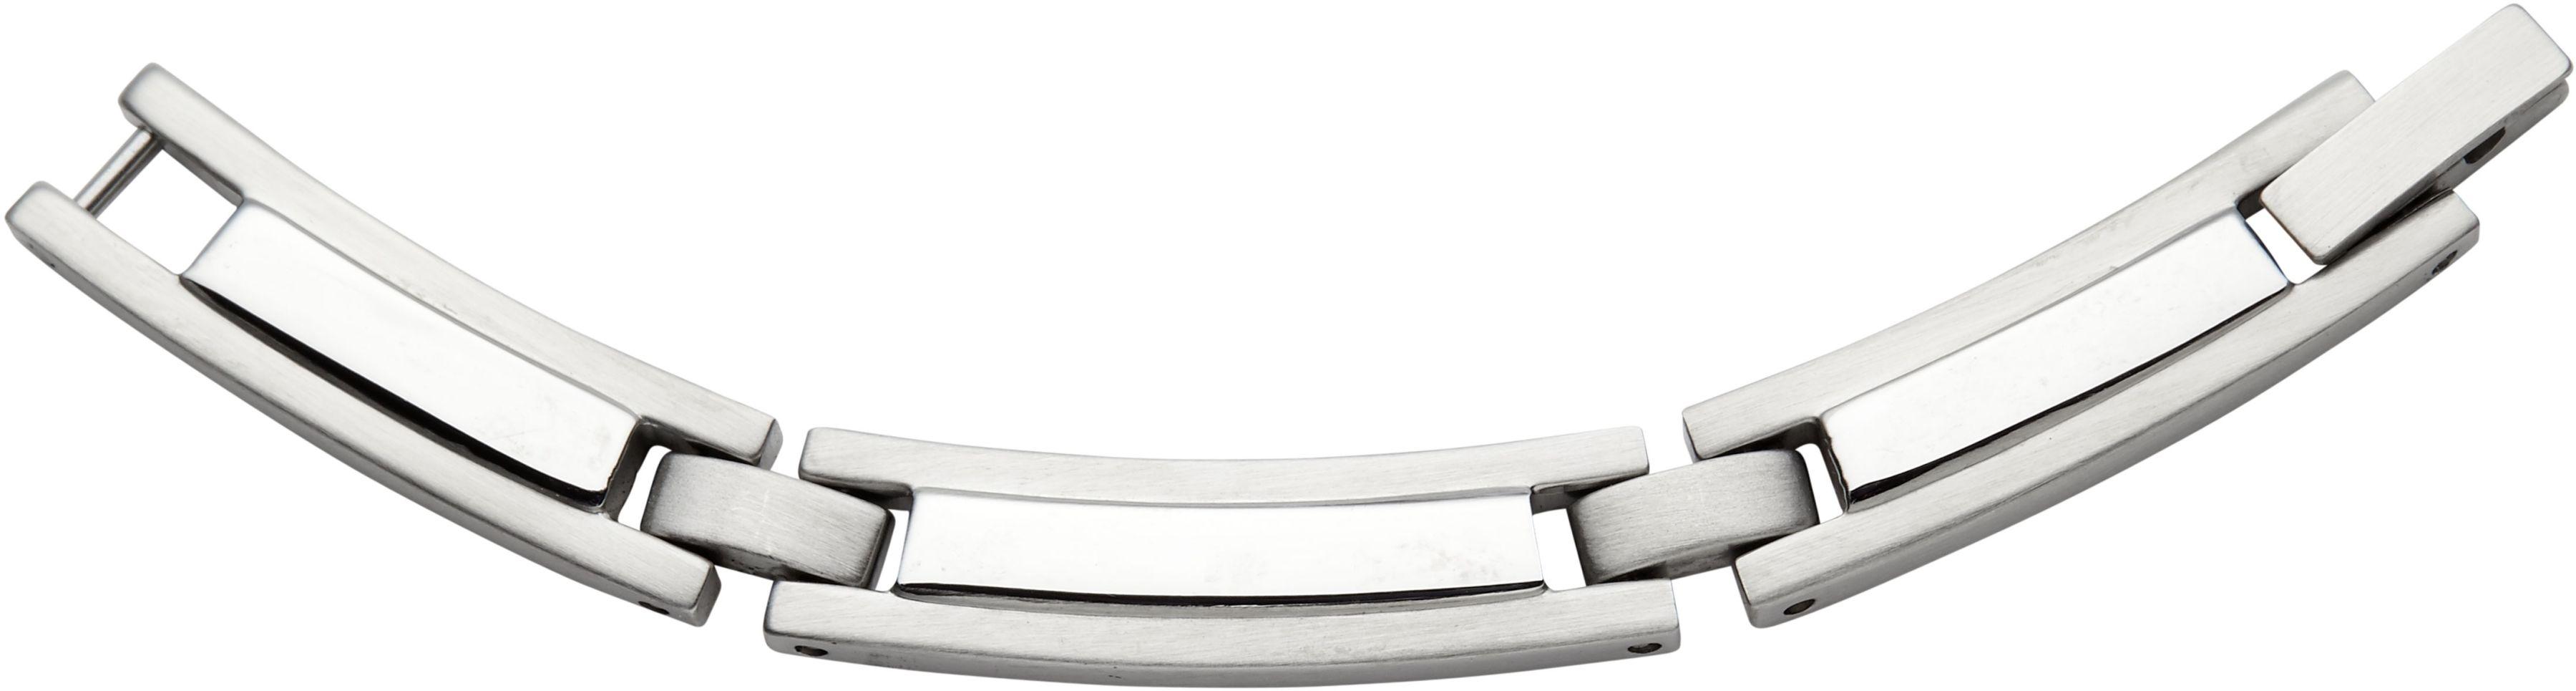 element przedłużający 2606-1 do naszyjnika magnetycznego